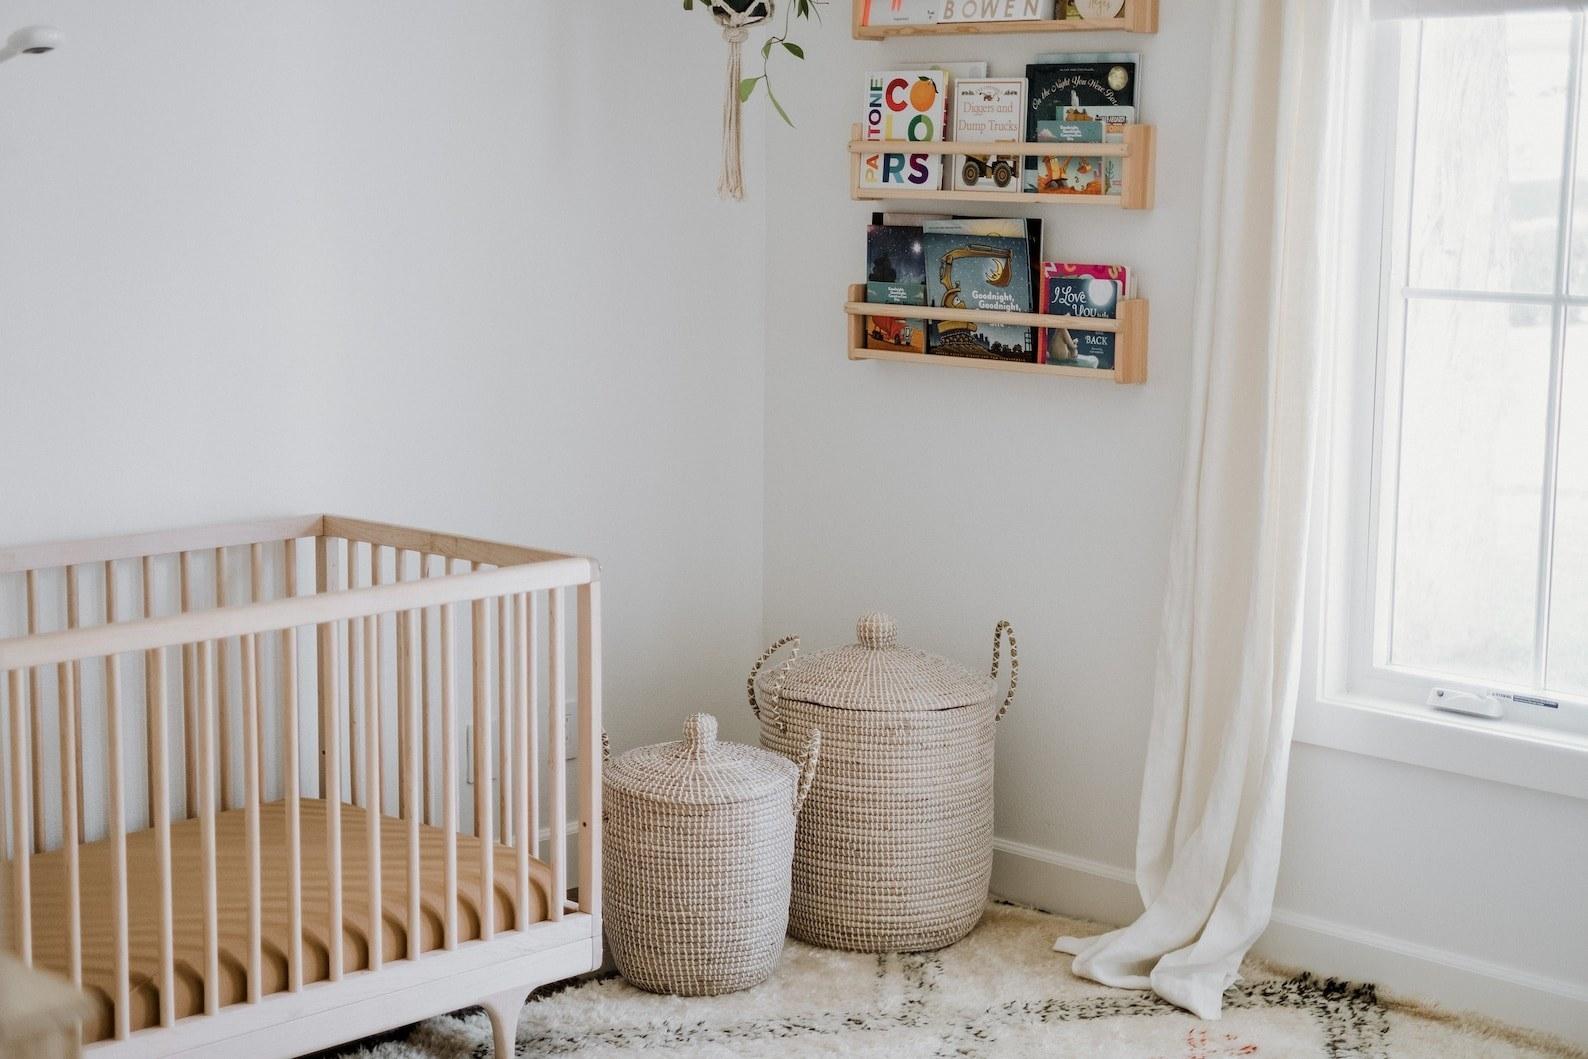 Two beige lidded wicker baskets in a nursery